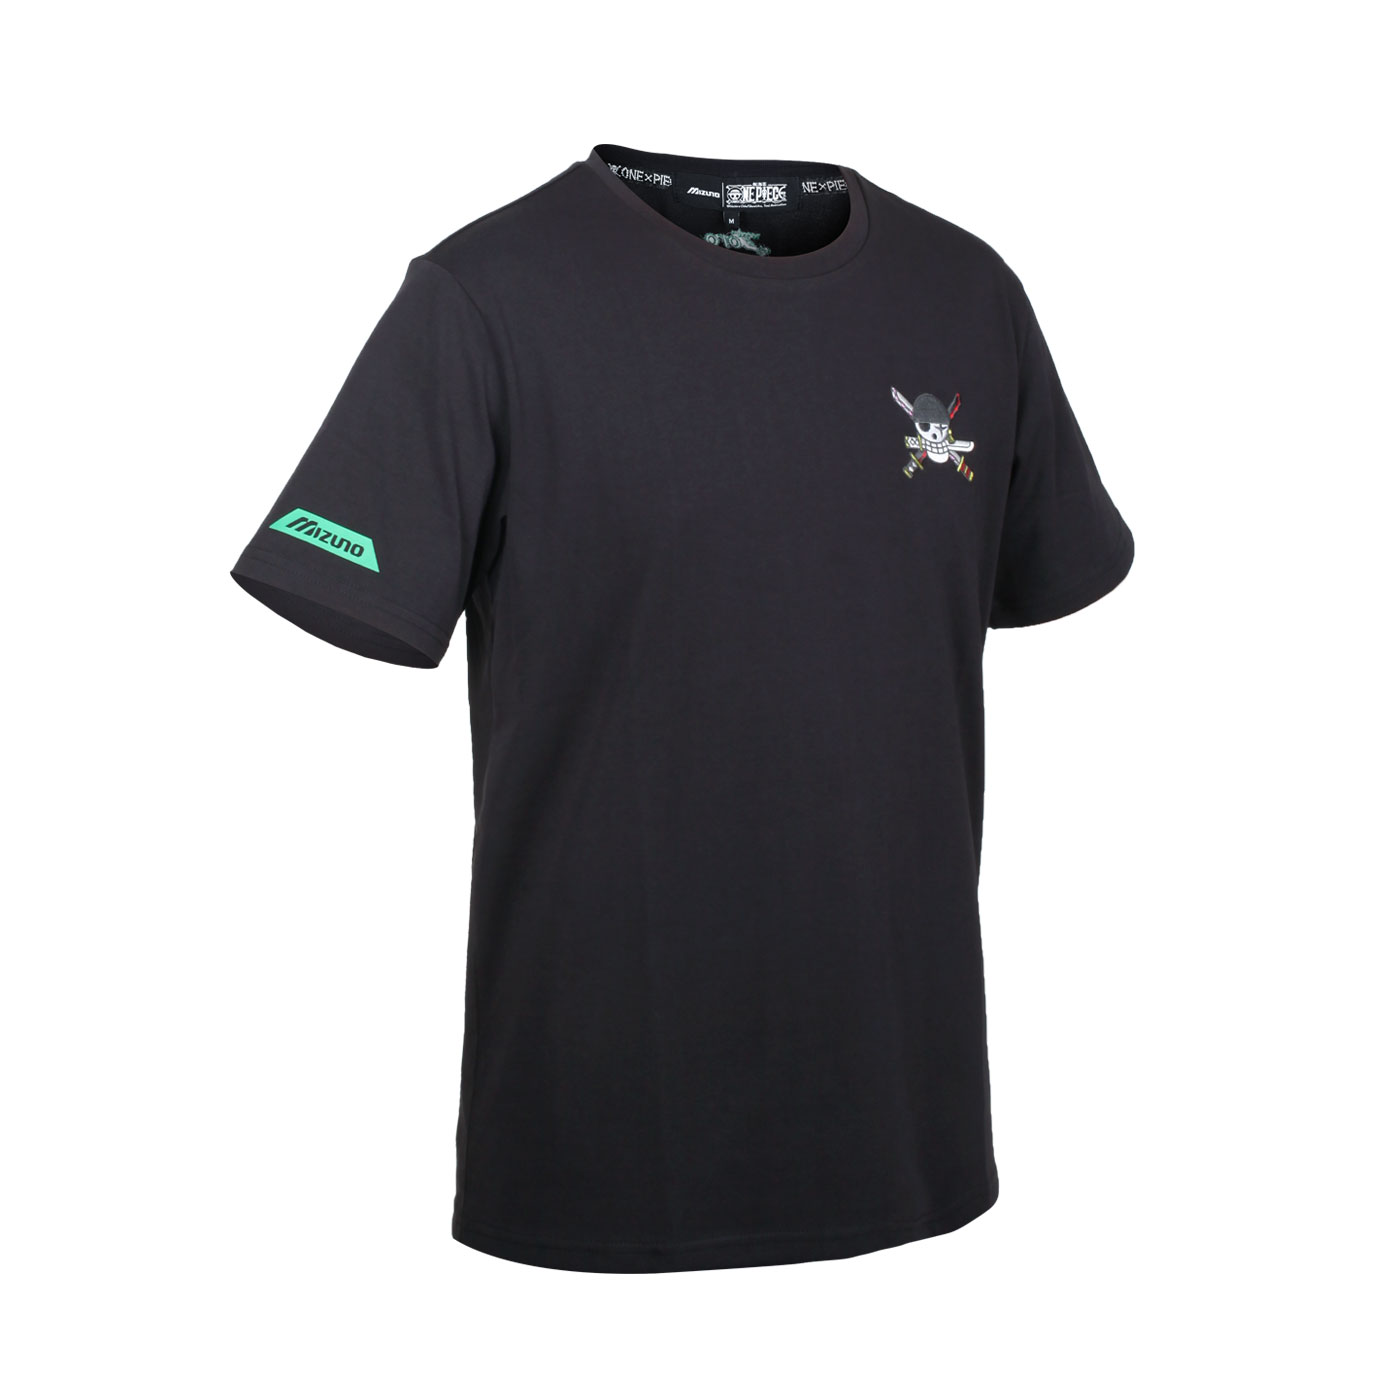 MIZUNO 特定-男款短袖T恤-索隆款(海賊王聯名款) D2TA150909 - 黑白黃紅粉